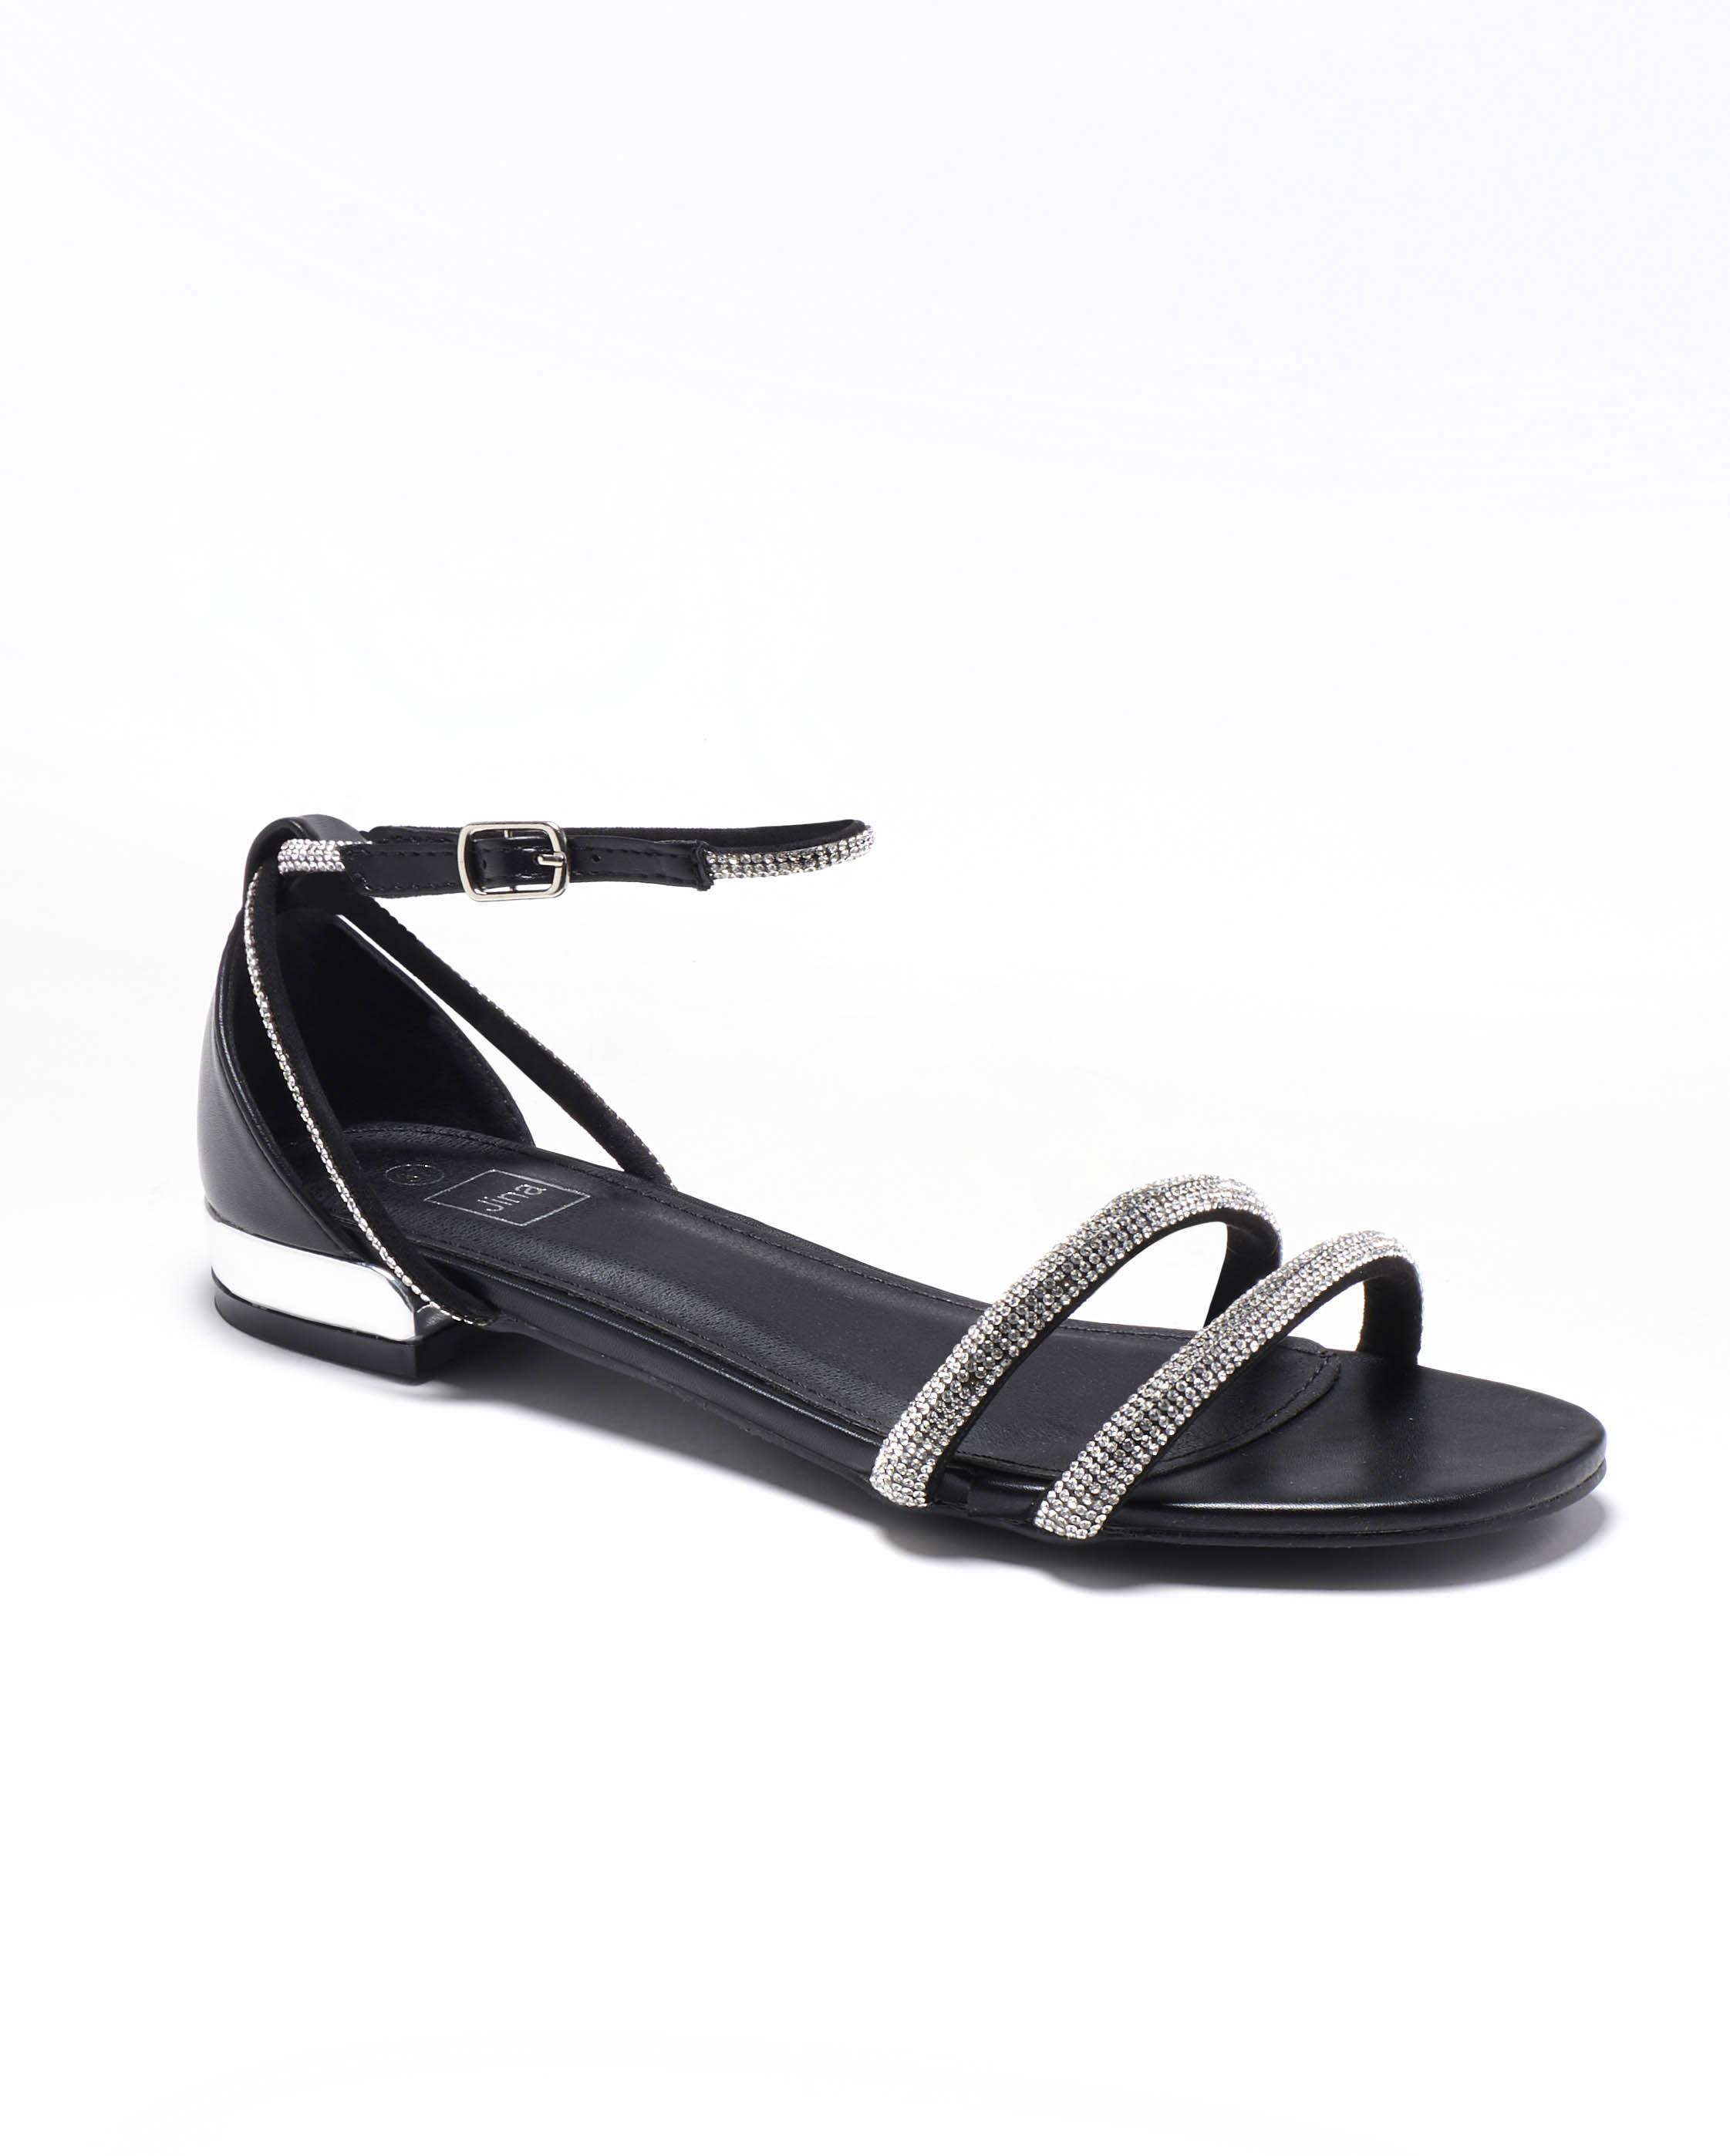 Sandales Plates Femme - Sandale Plate Noir Jina - Bhc-7